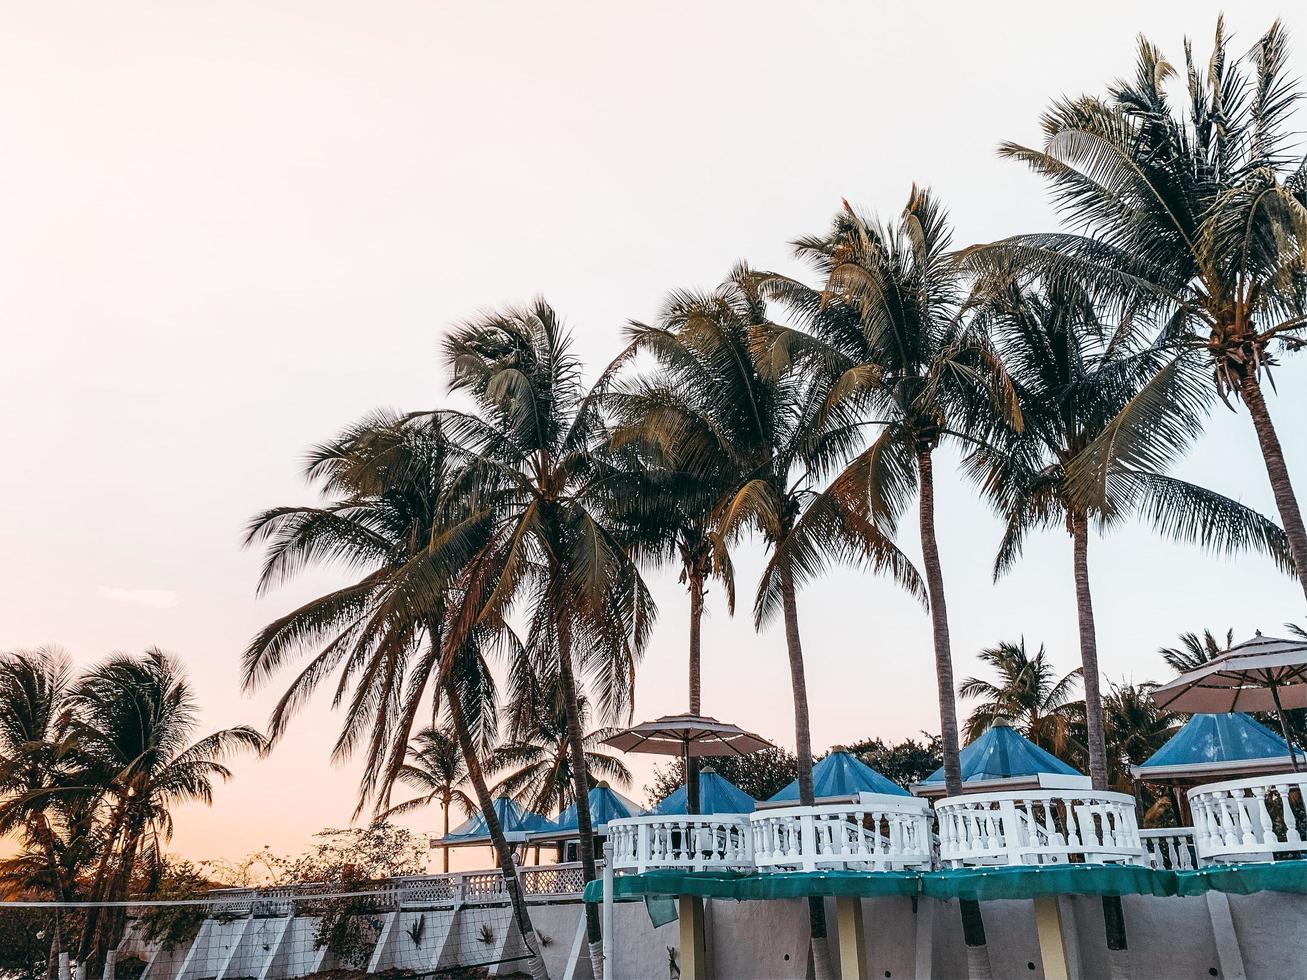 palmeras en un resort foto